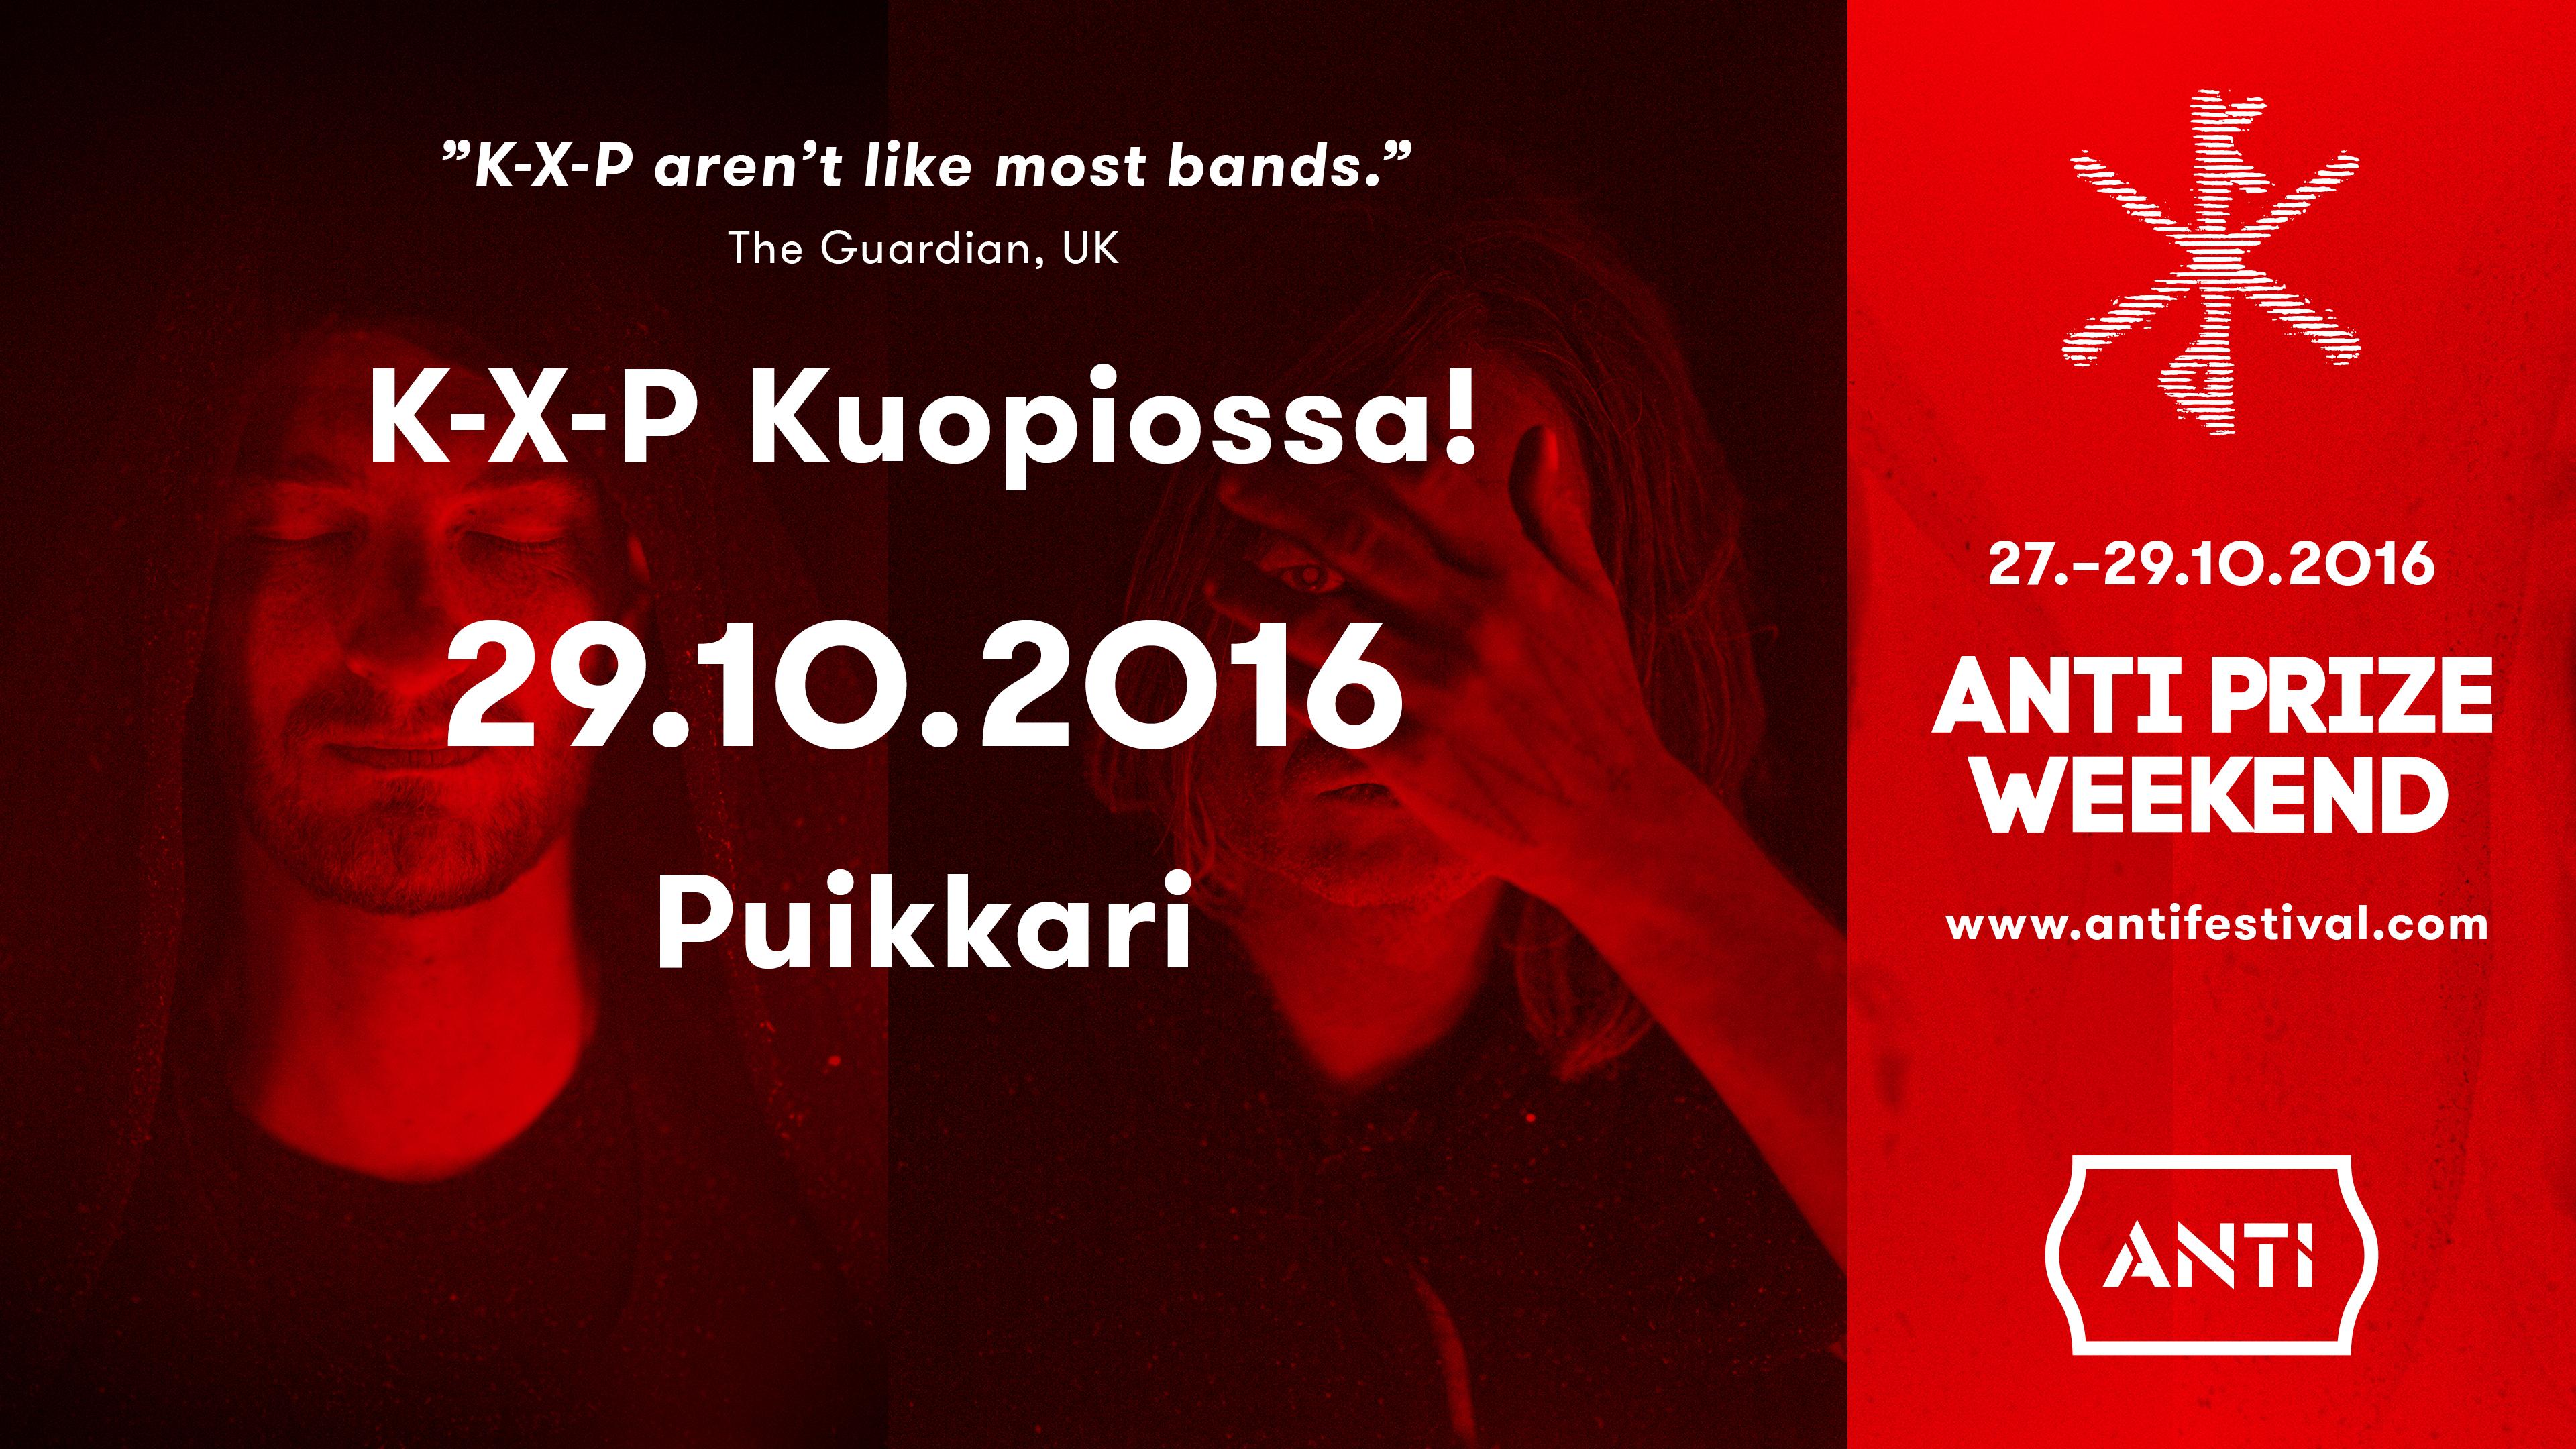 Anti Prize Weekend K-X-P La 29.10. @Puikkari